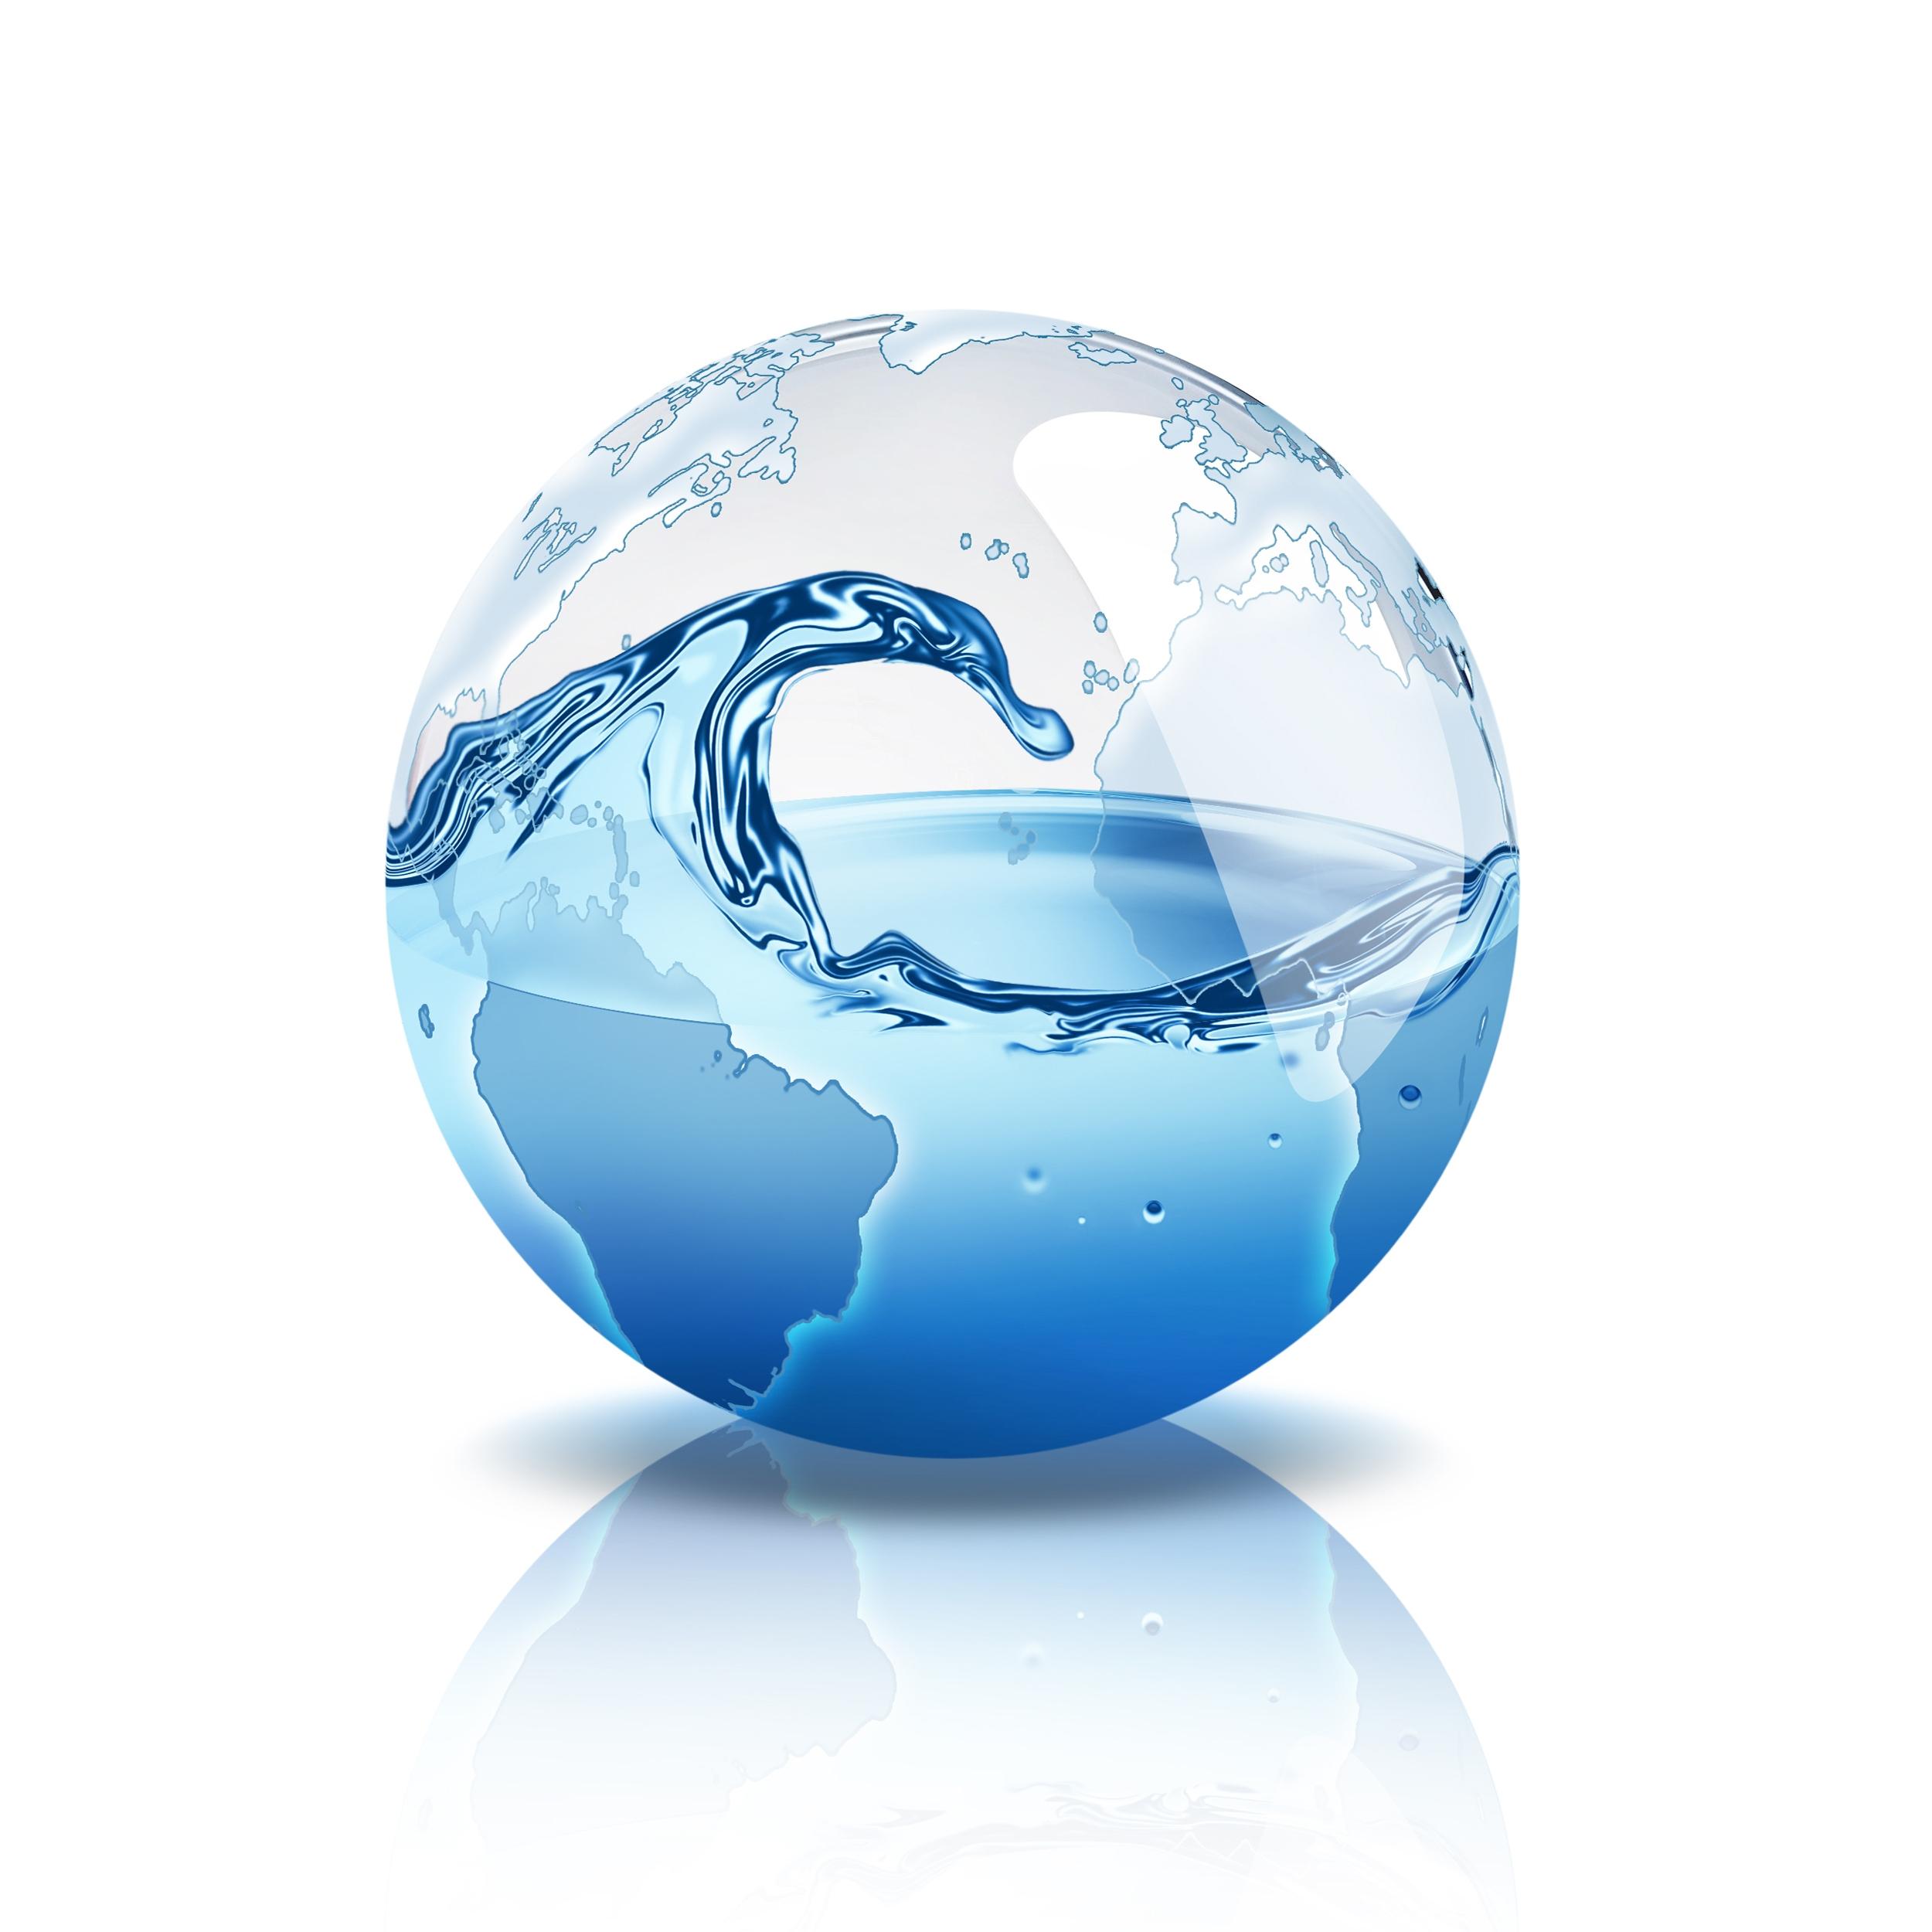 agua virtual, eventos sostenibles, sostenibilidad urbana